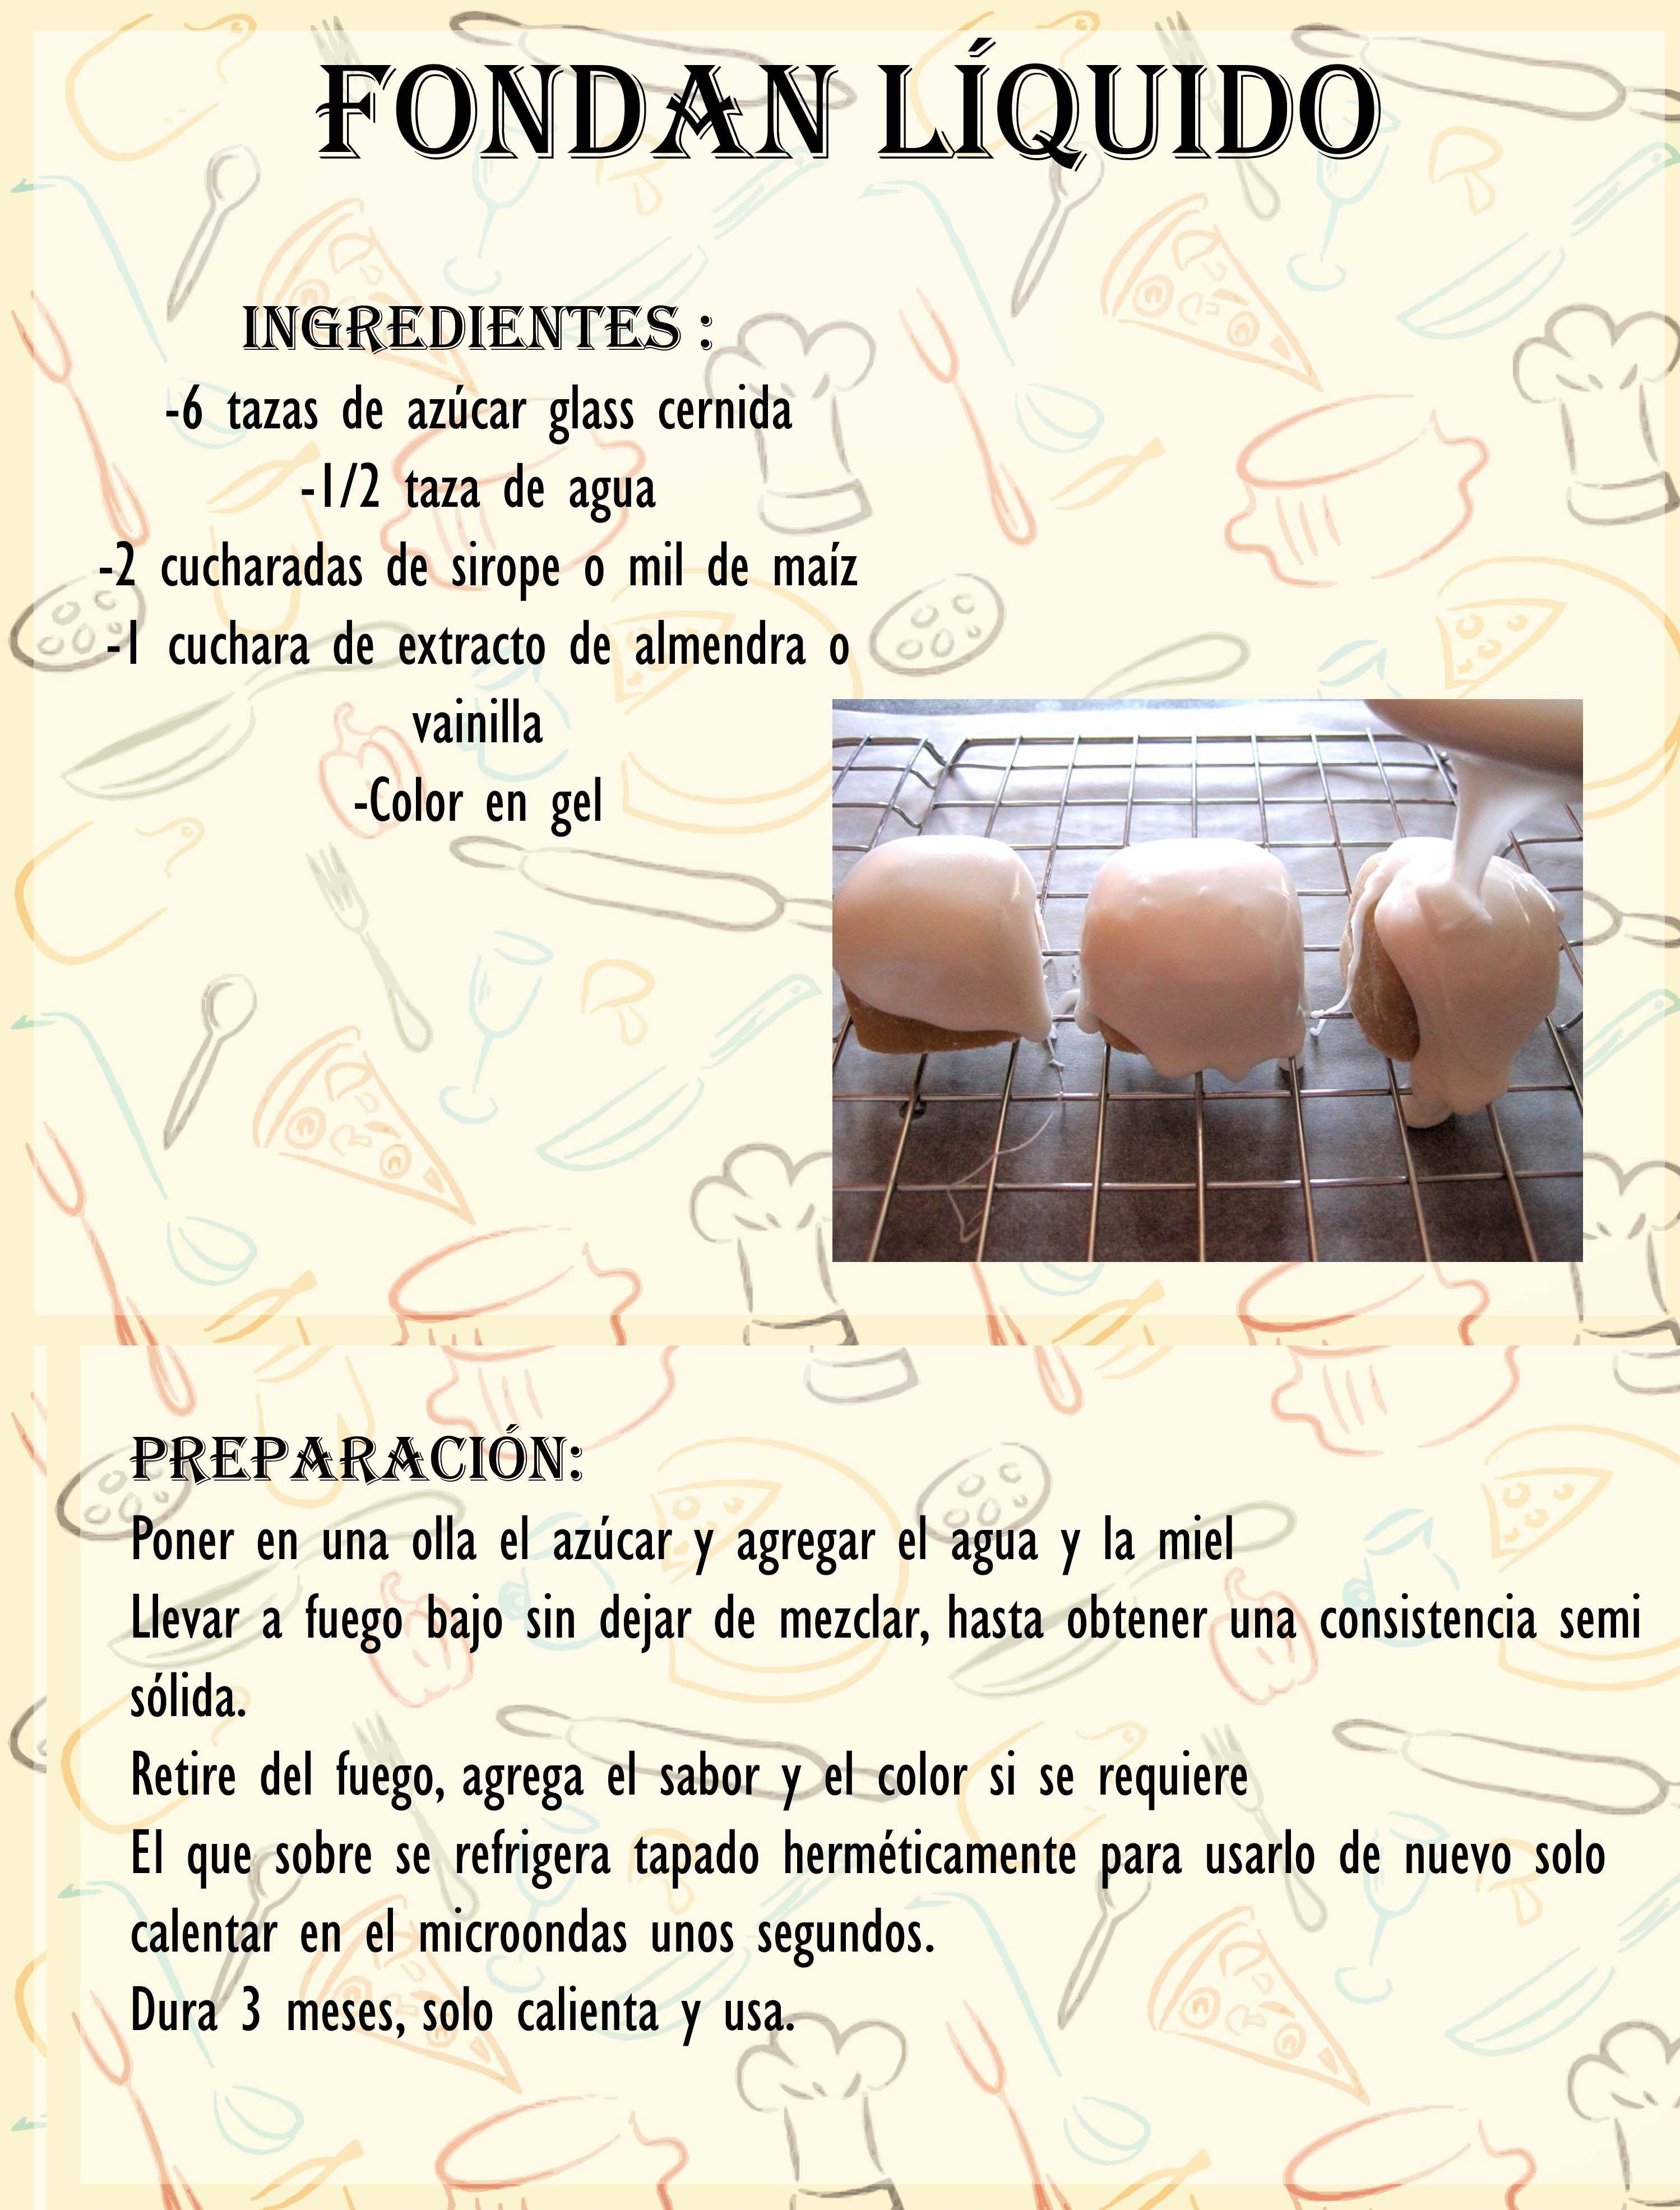 Fondan Liquido Fondant Receta Recetas De Tartas Y Pasteles Cremas Dulces